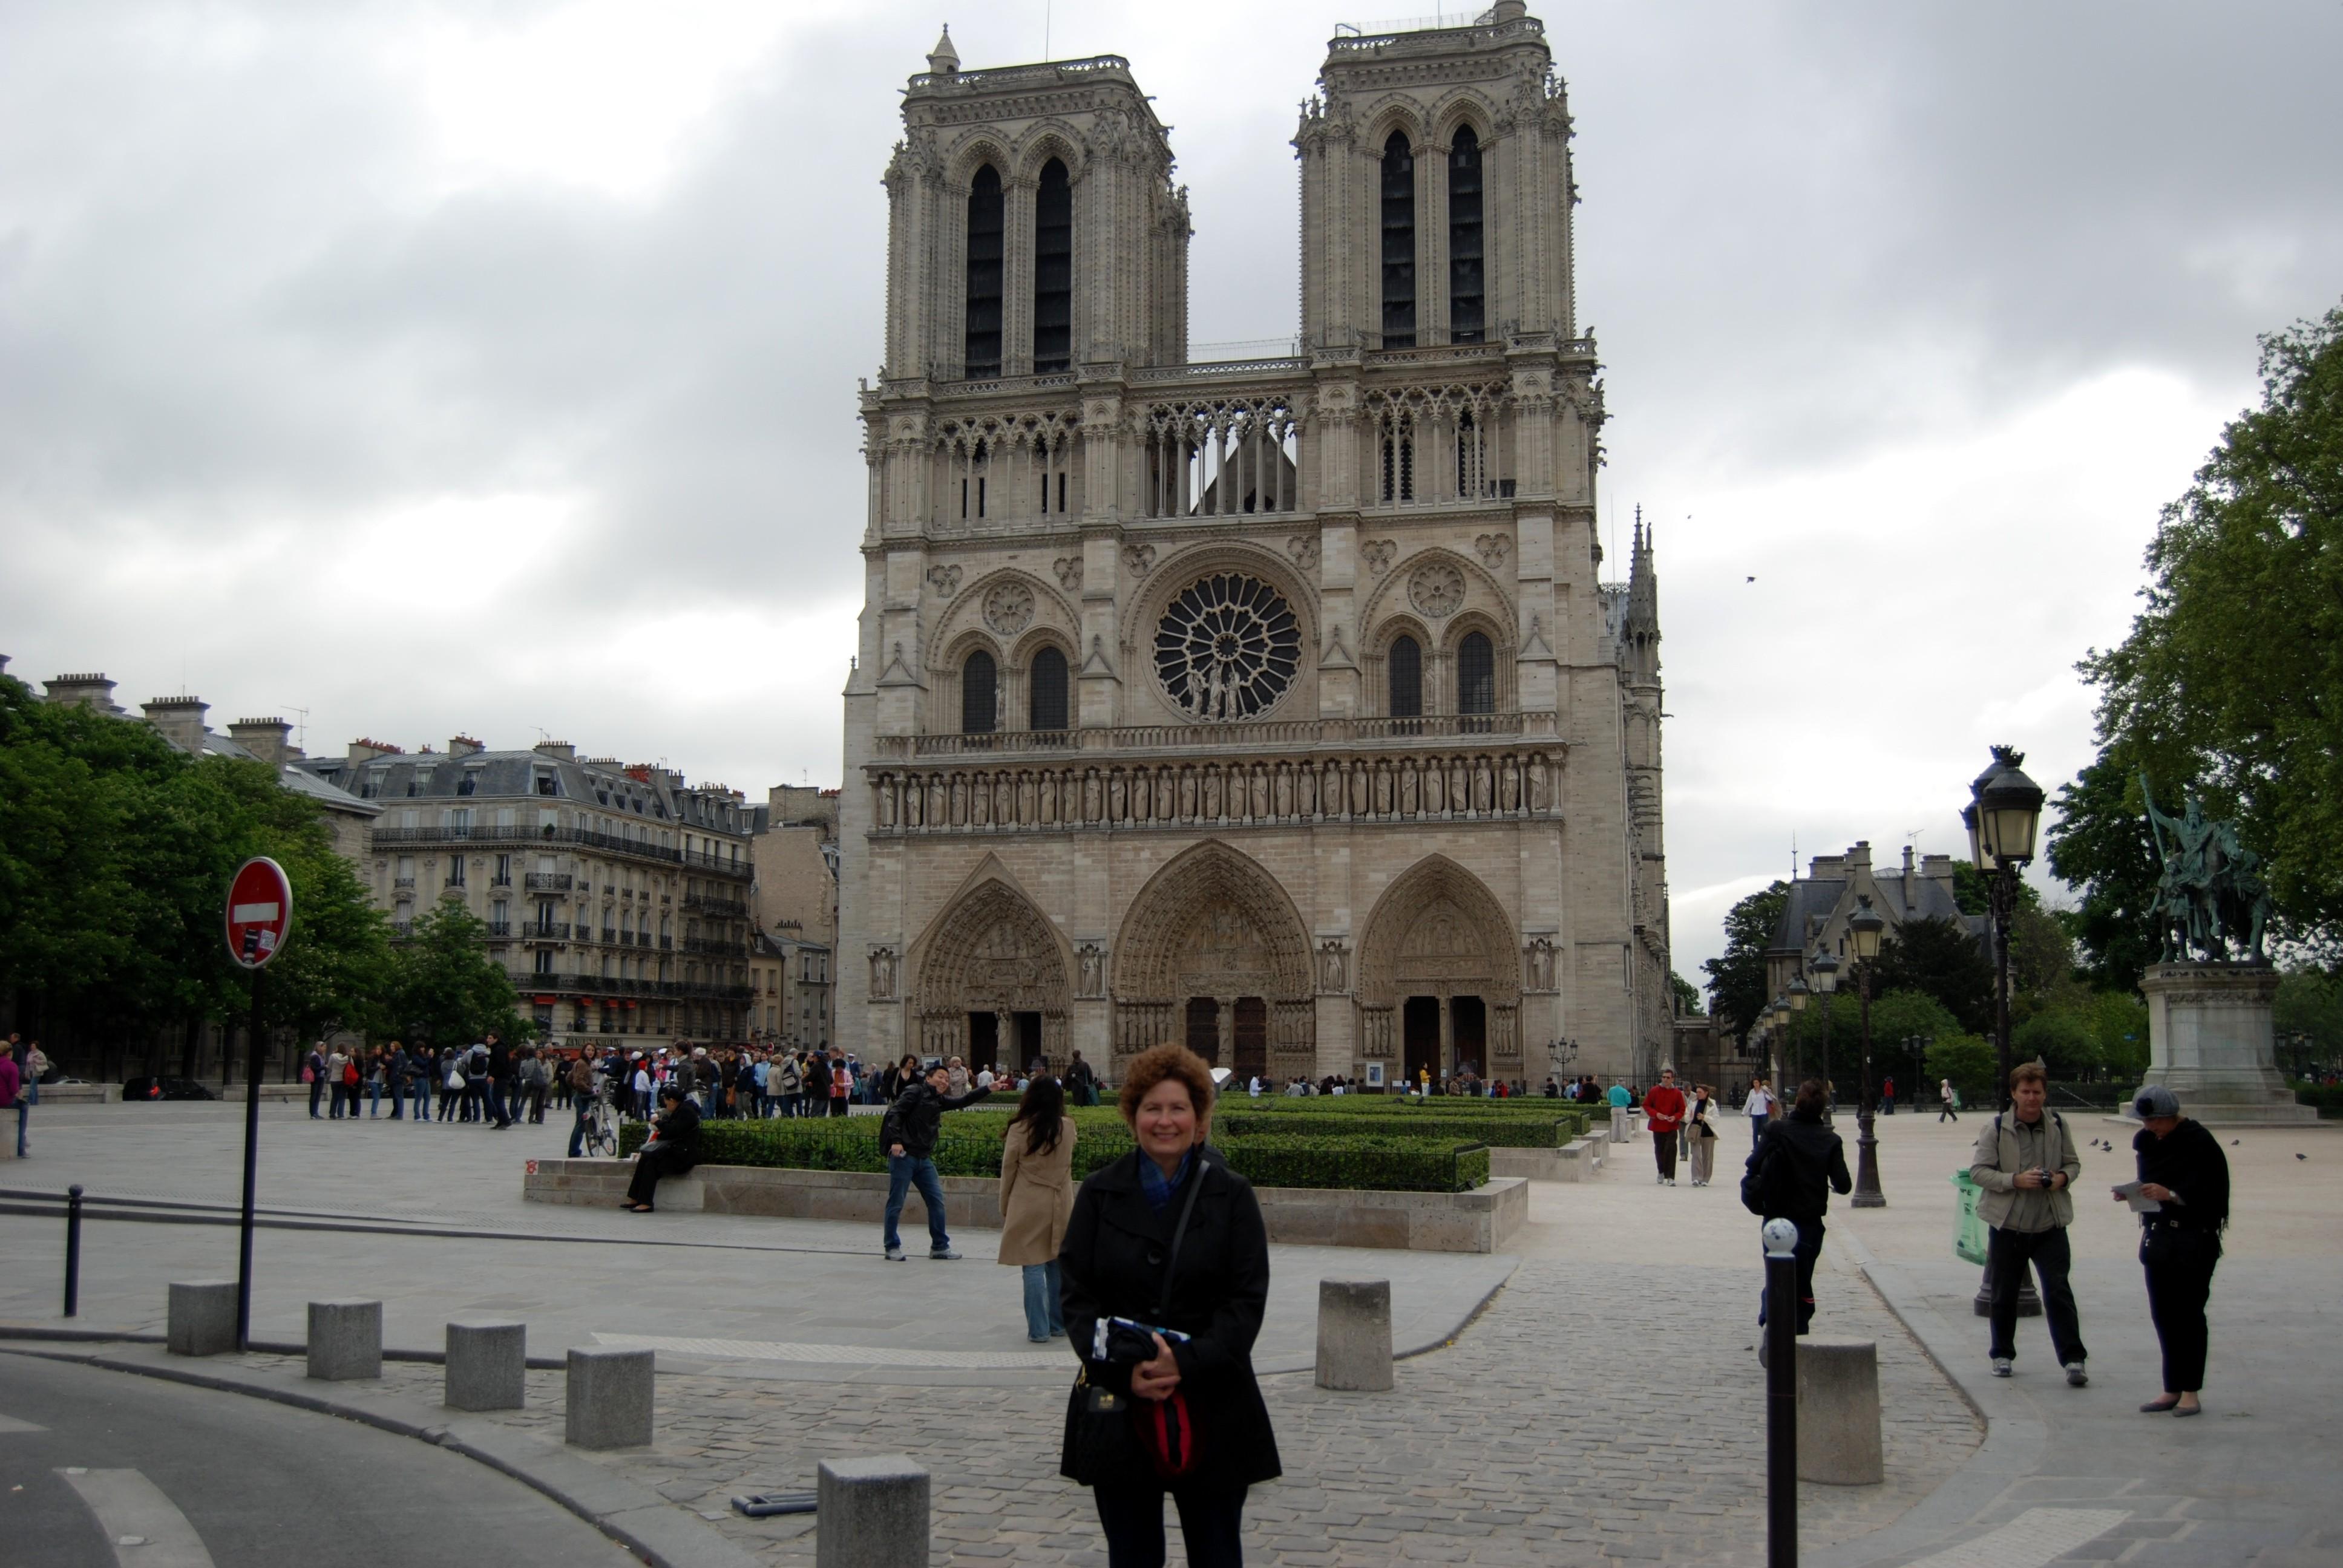 Paris and Notre Dame